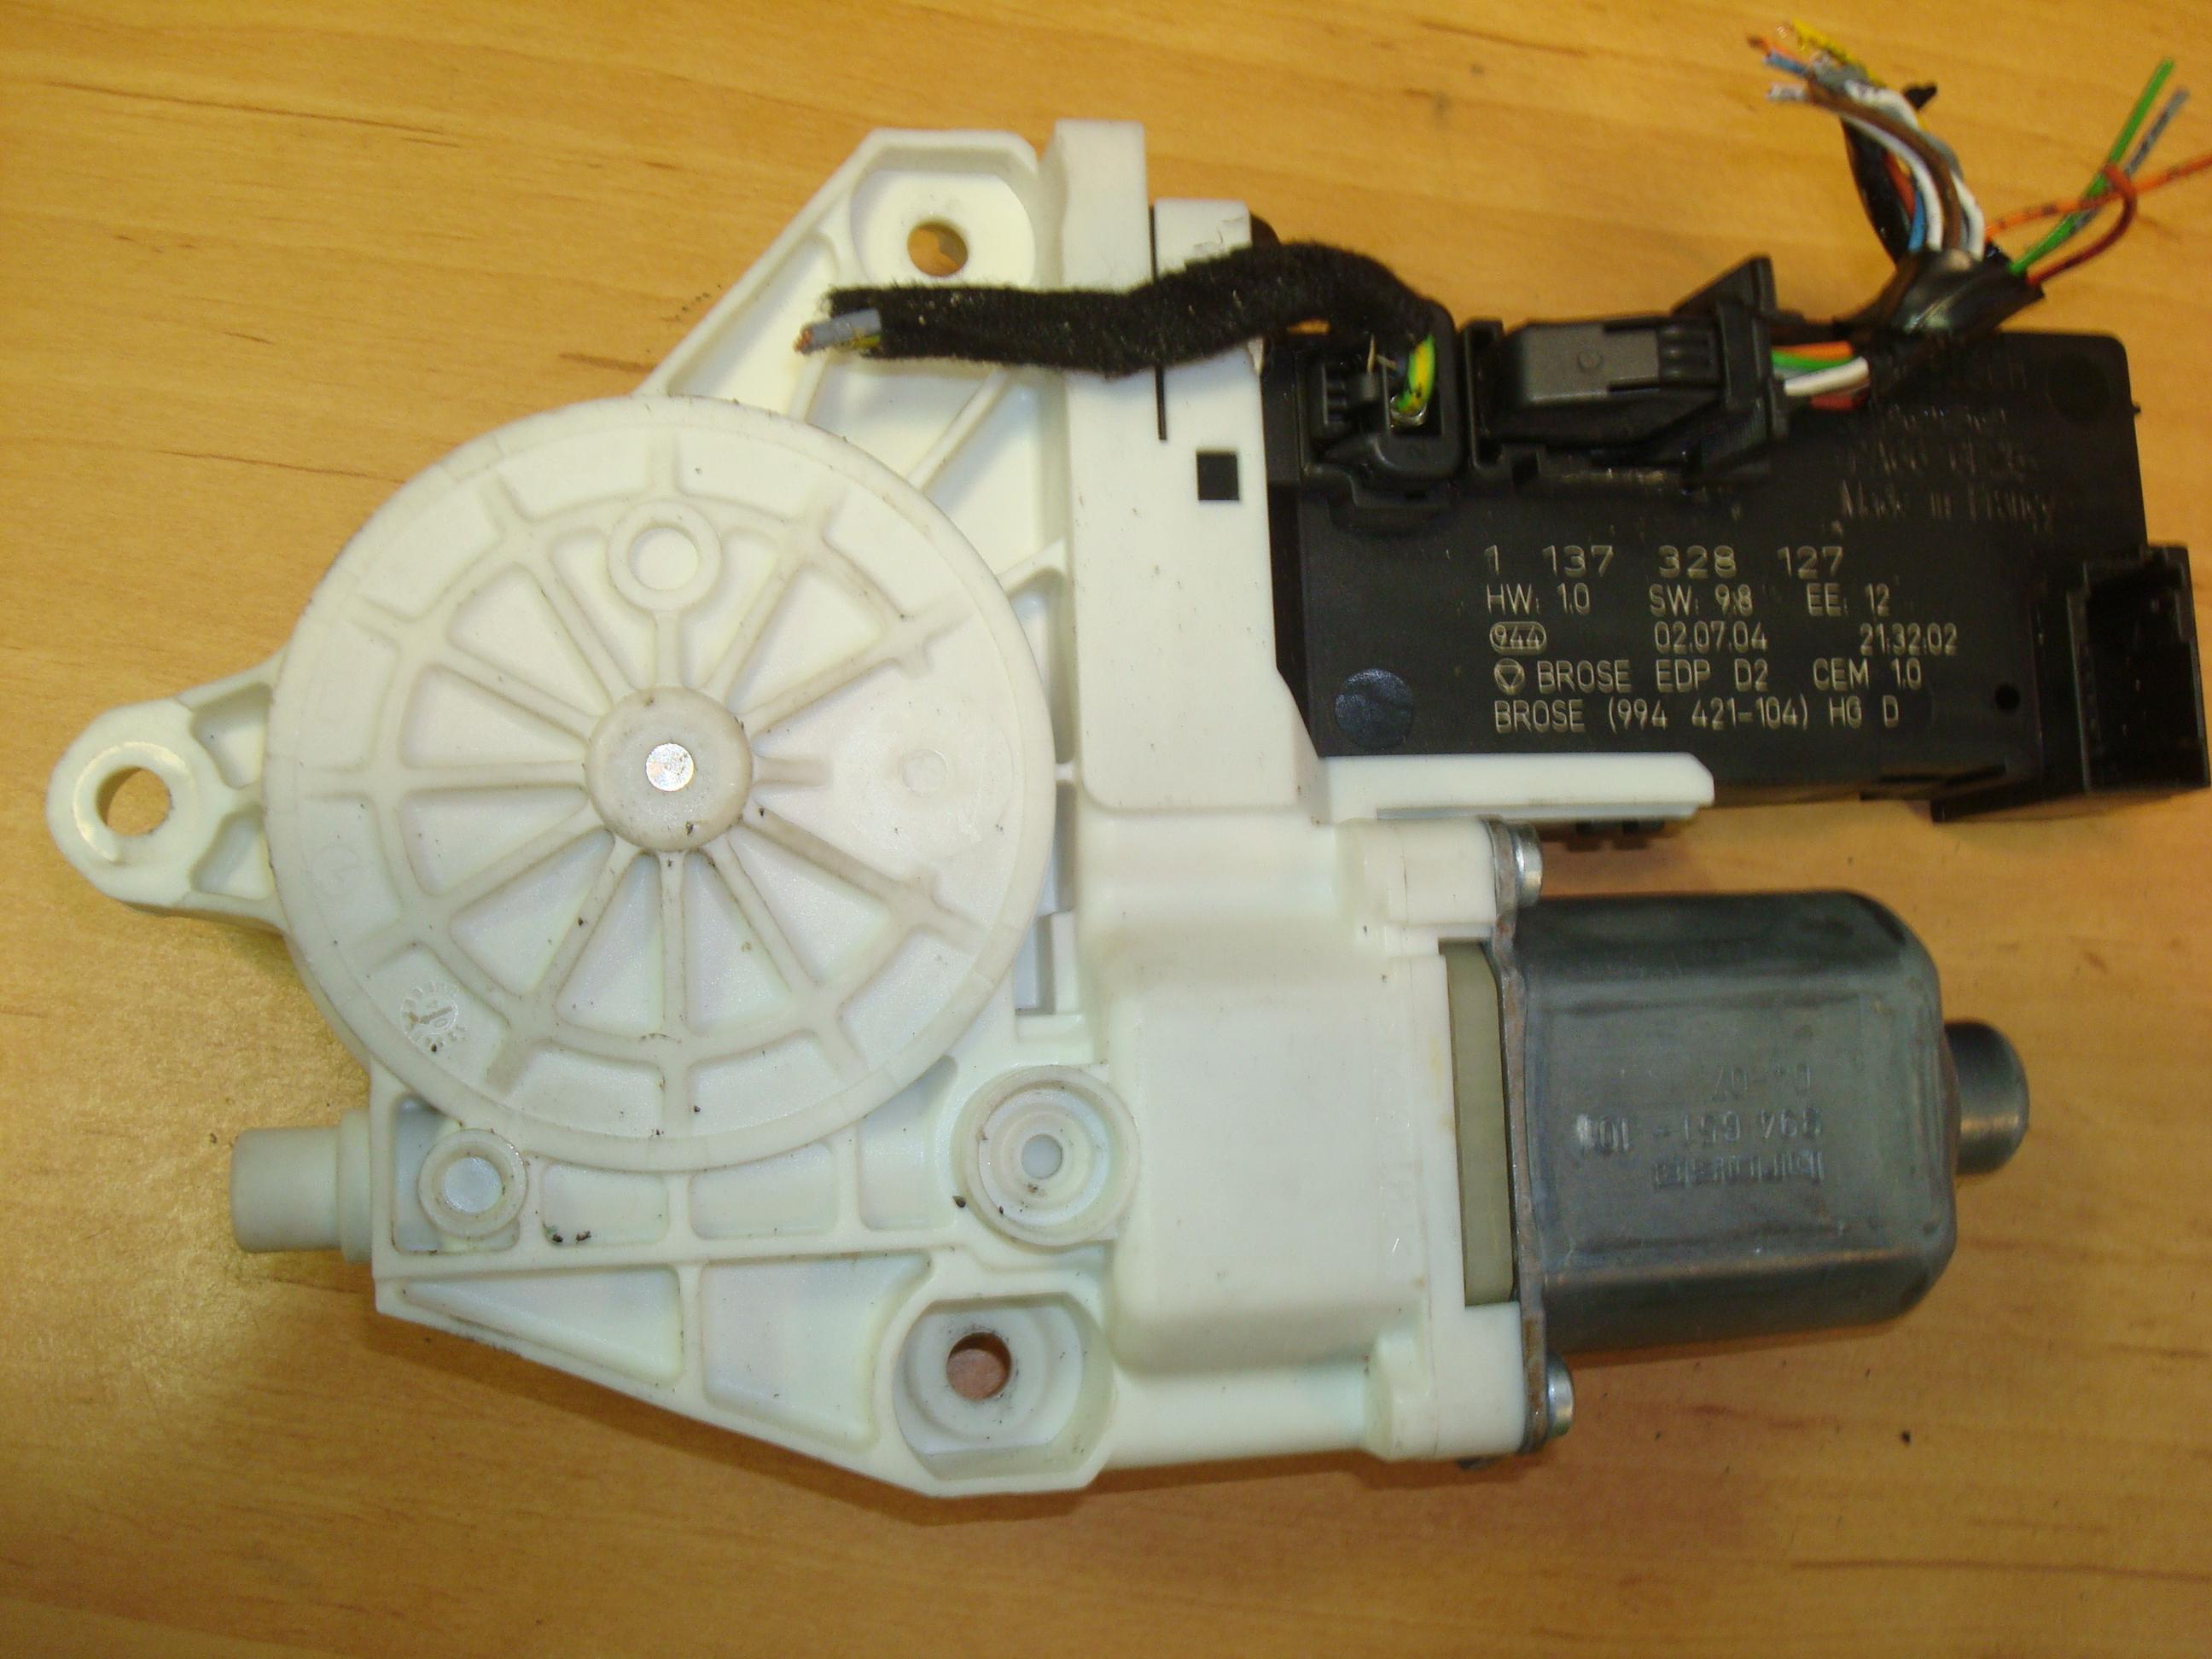 407, FRONT Right DOOR ELECTRIC WINDOW MOTOR - usedecus com